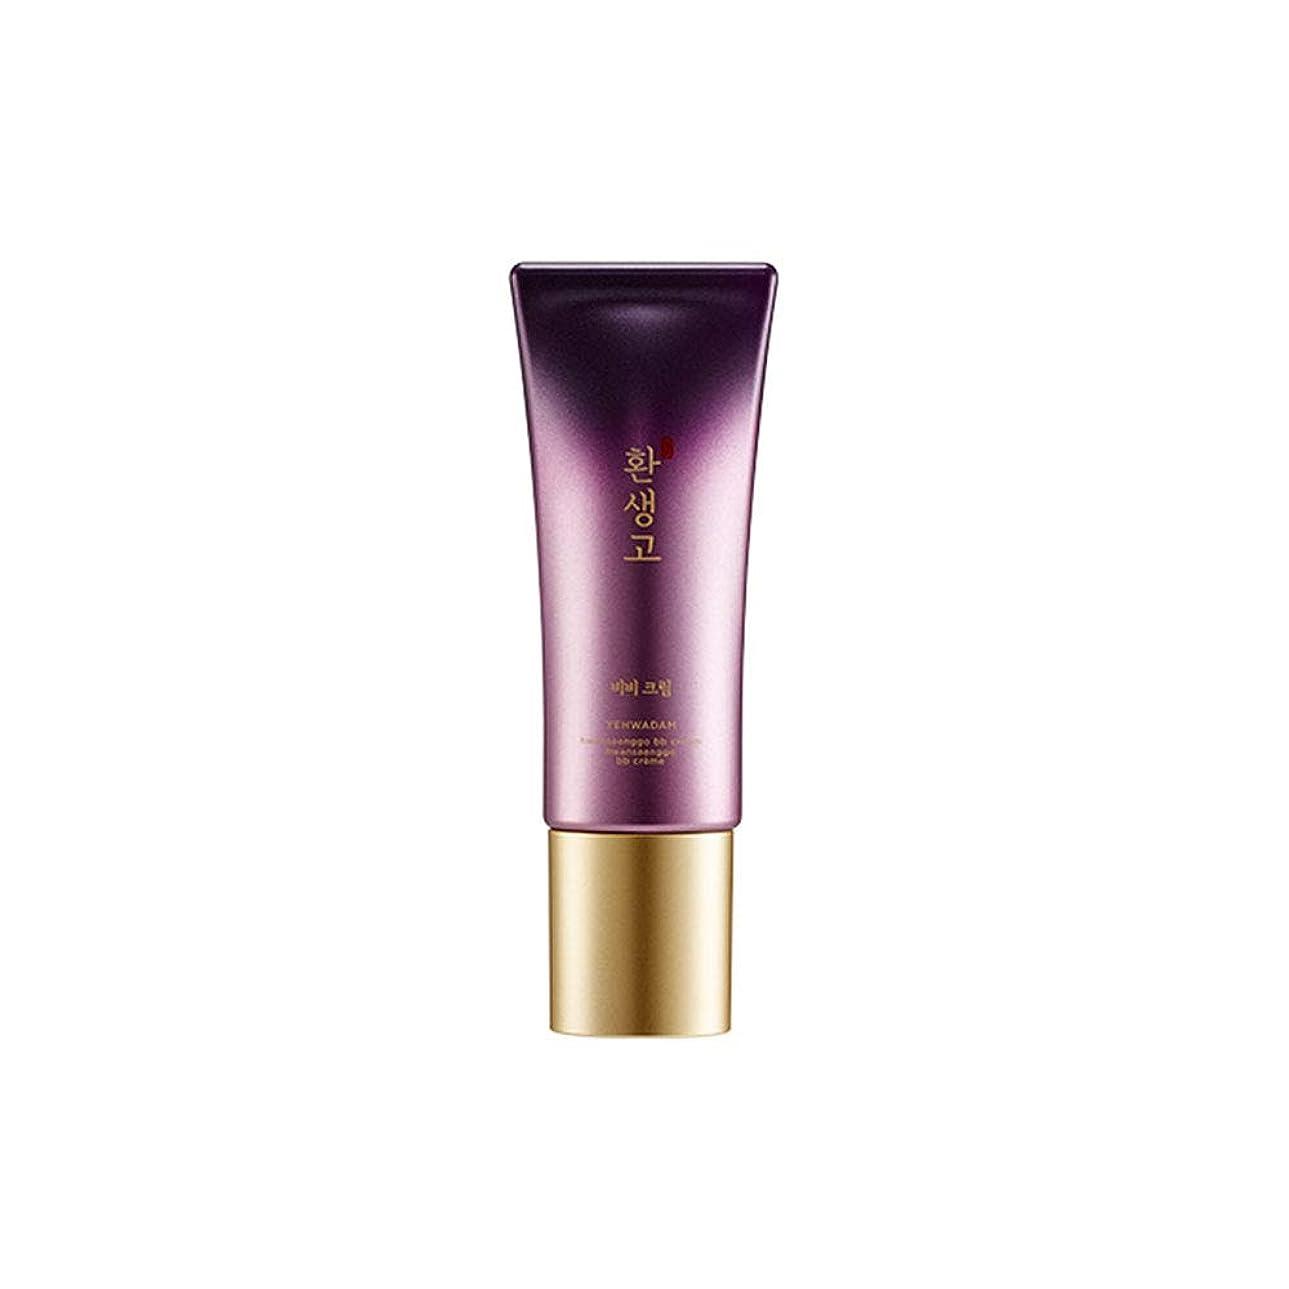 受粉するを通して制裁[ザフェイスショップ] The Face Shop イェファダム 還生膏BBクリーム SPF35 PA++ 45ml YEHWADAM Hwansaenggo BB Cream 45ml [海外直送品]